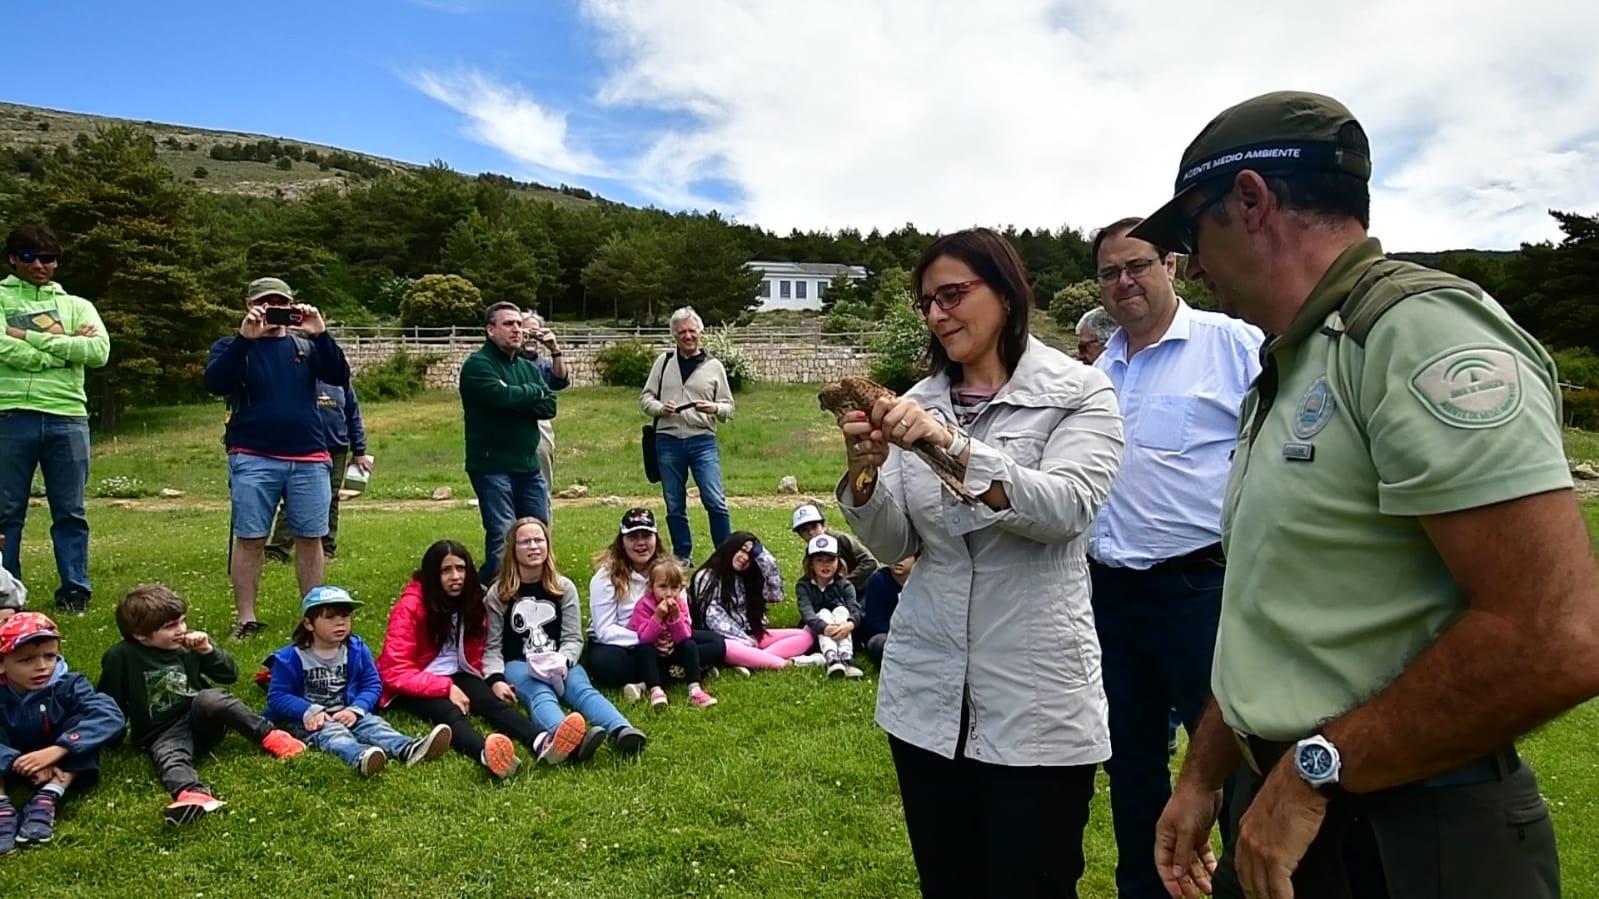 Liberan un cernícalo en Sierra Nevada coincidiendo con el Día Mundial del Medio Ambiente